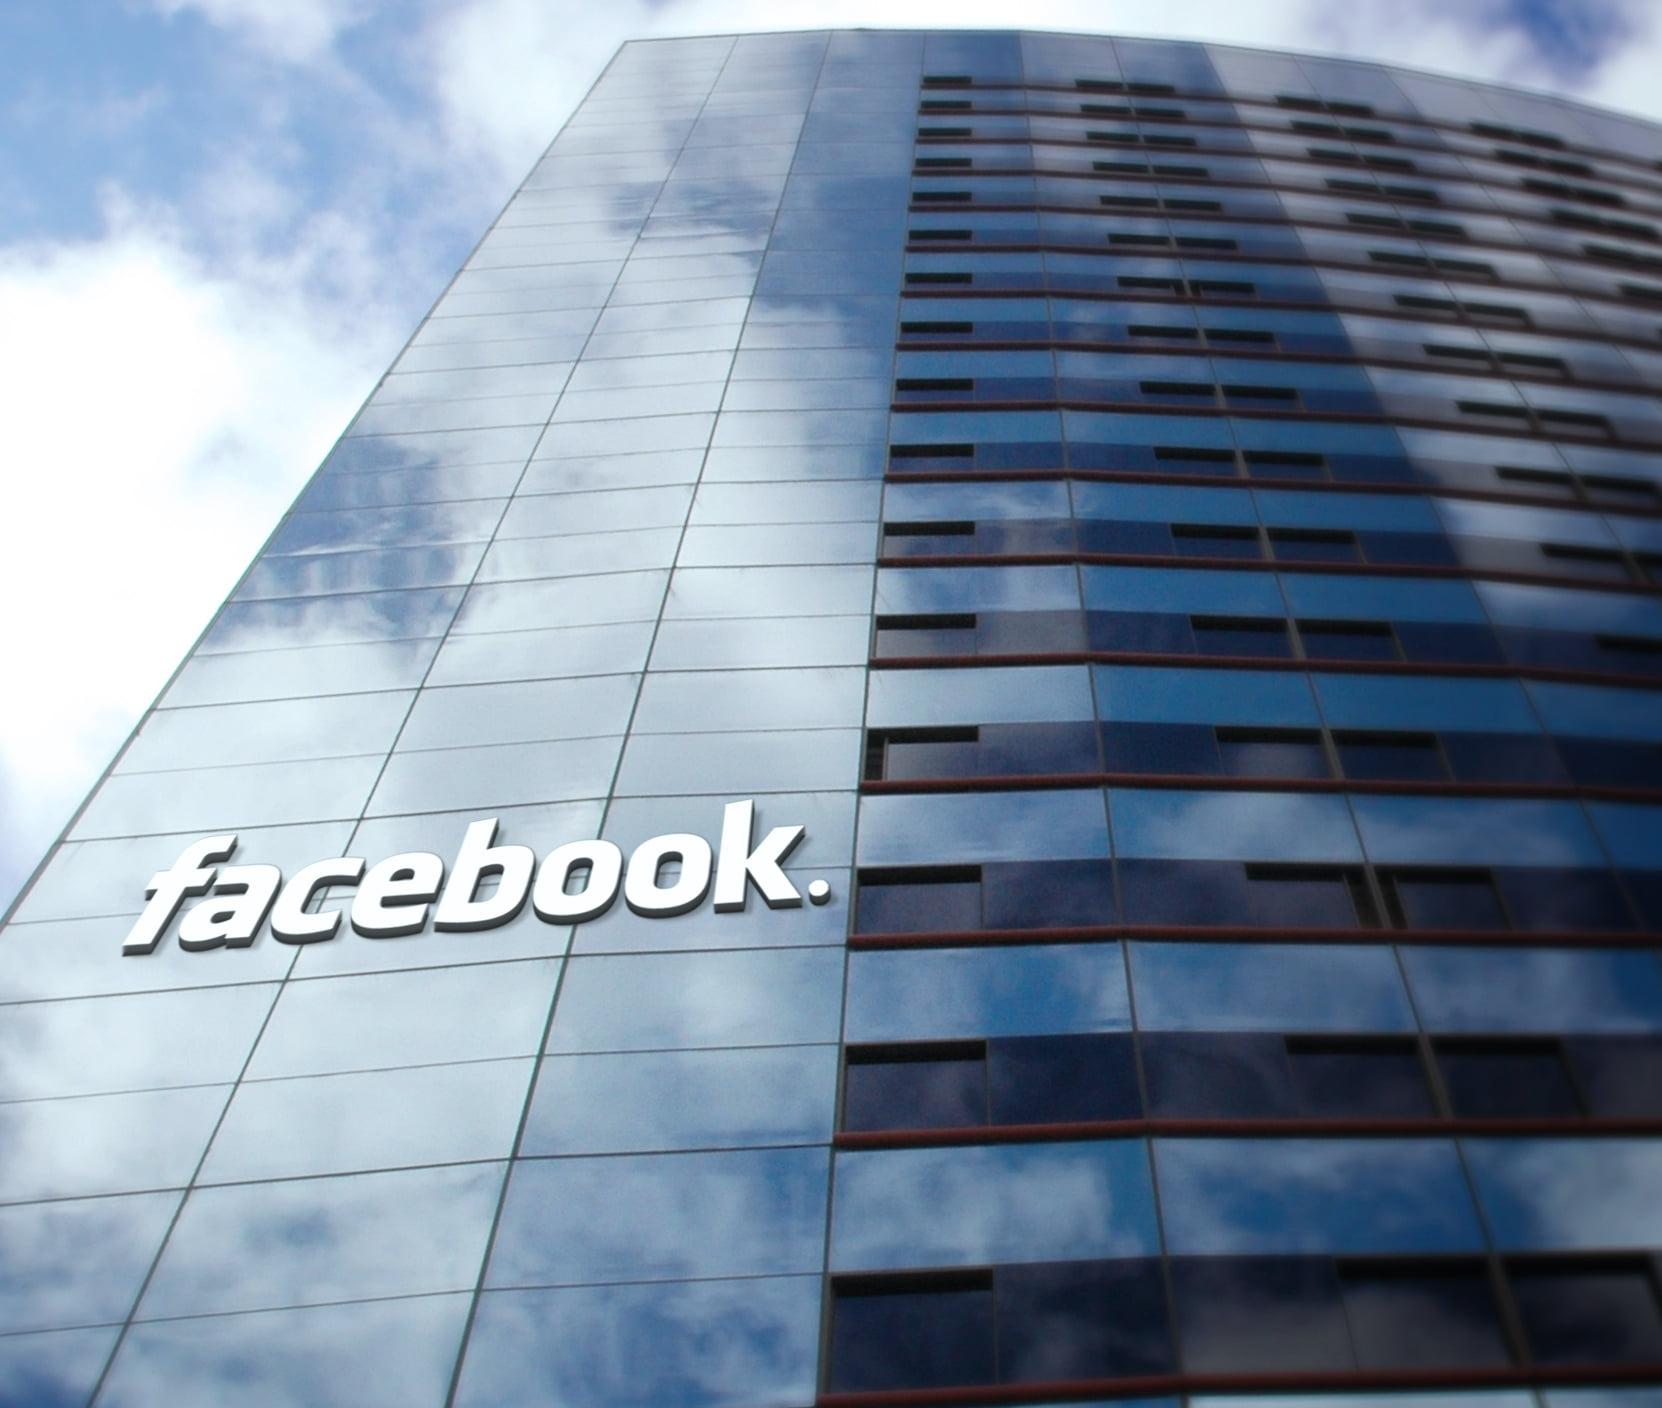 Facebook-Office-Building-Logo-Mock-Up